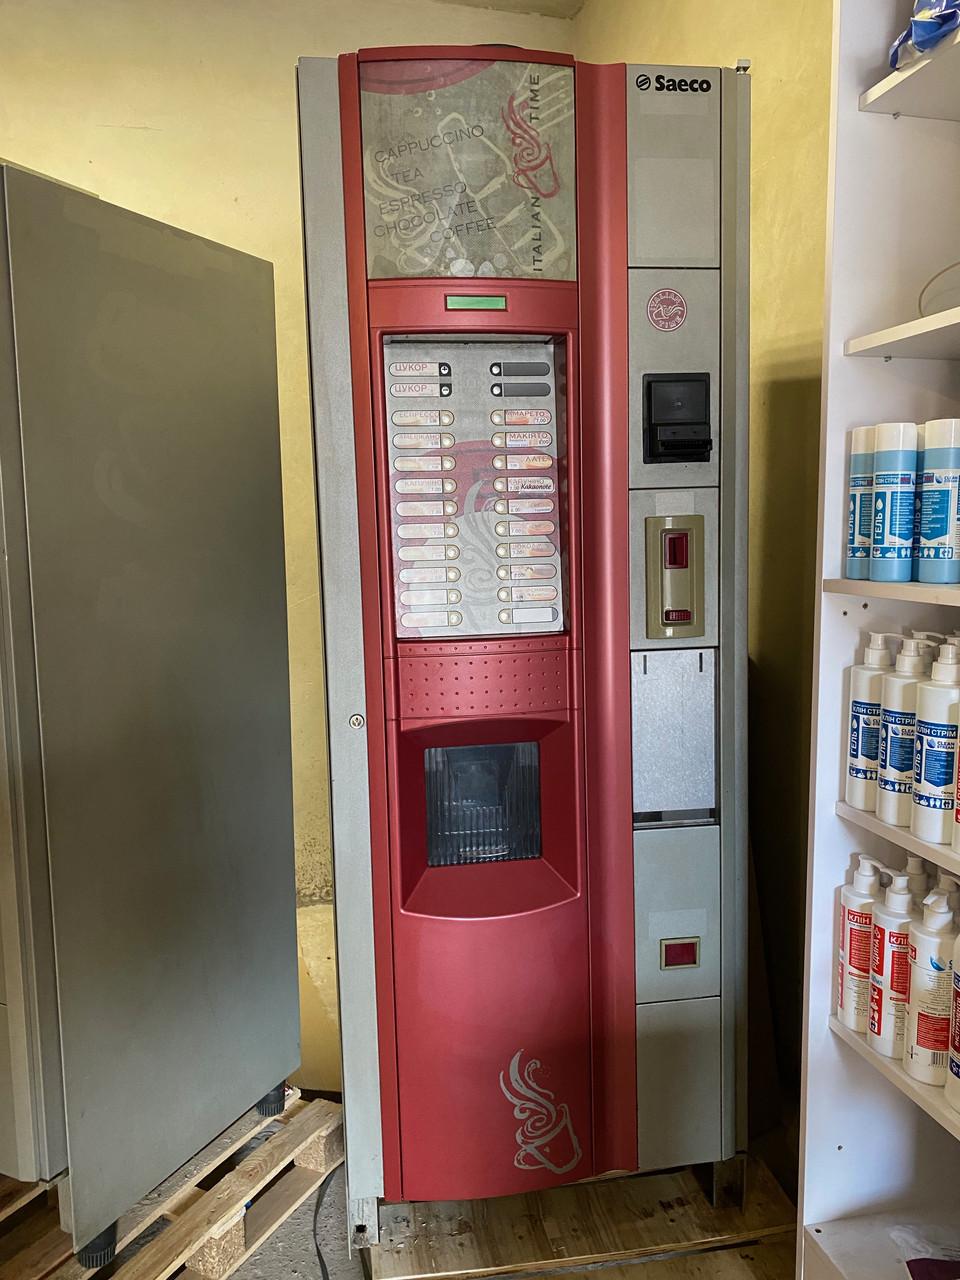 Кавовий автомат Saeco Quarzo 700 з Платіжною системою і повністю настроєний б/у